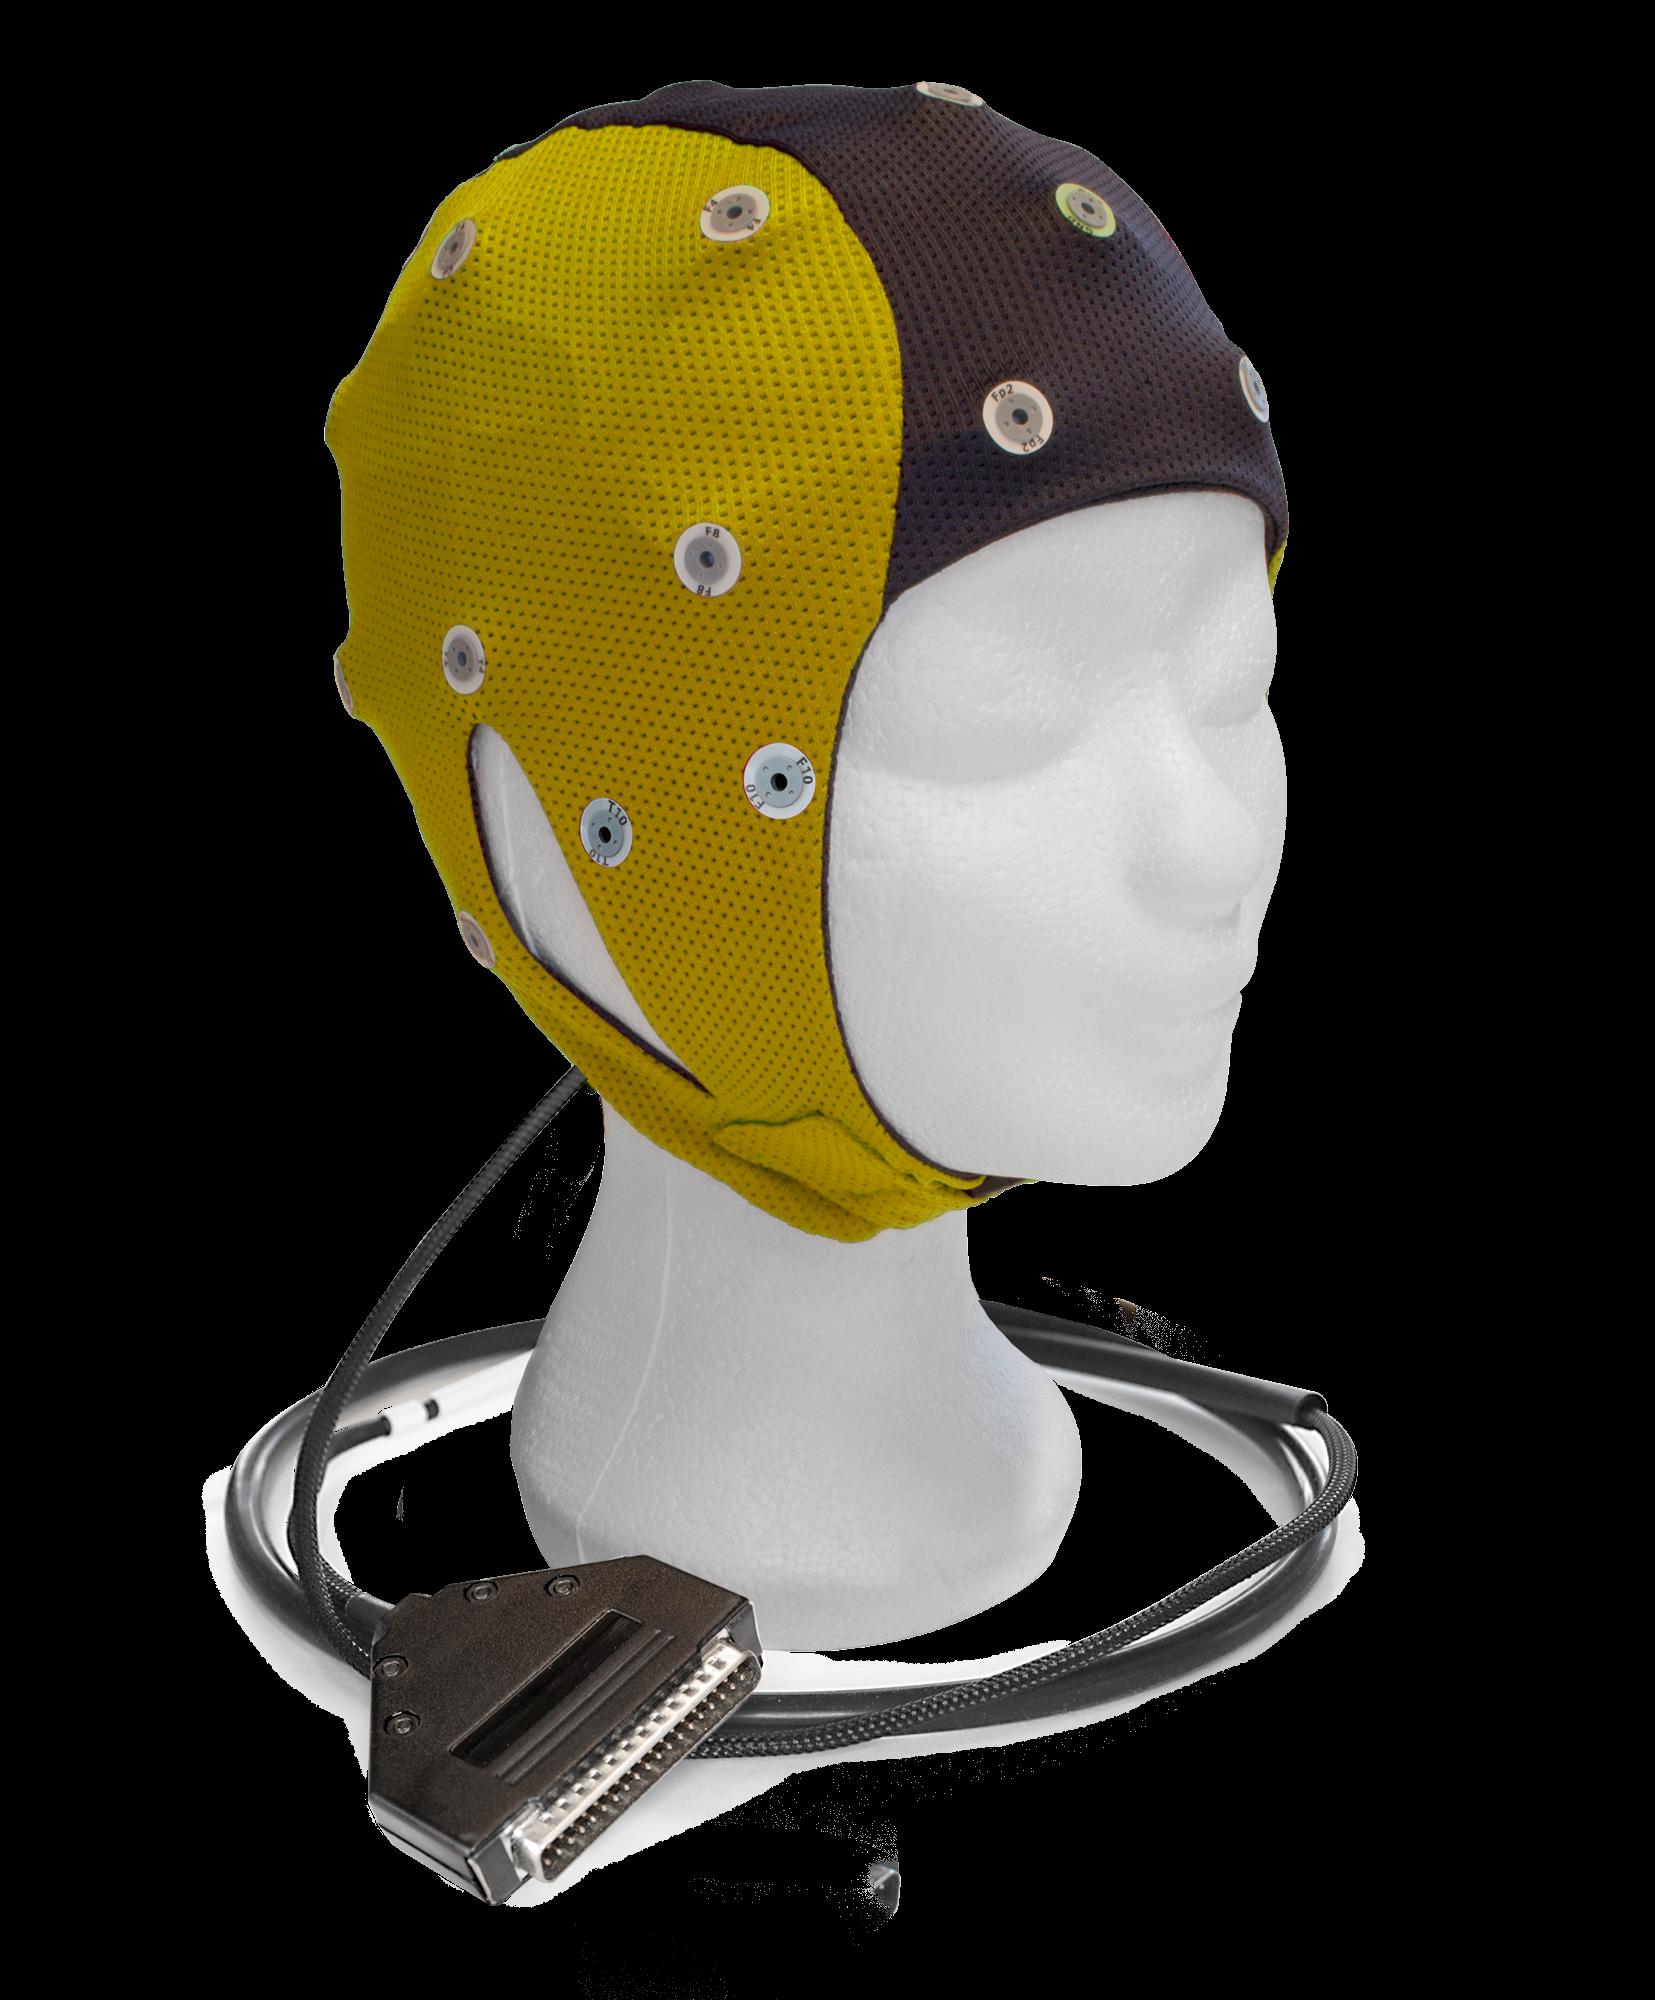 EEG čepice ANT-Neuro IFCN waveguard™ connect: S (47 – 51 cm, Žlutočerná)